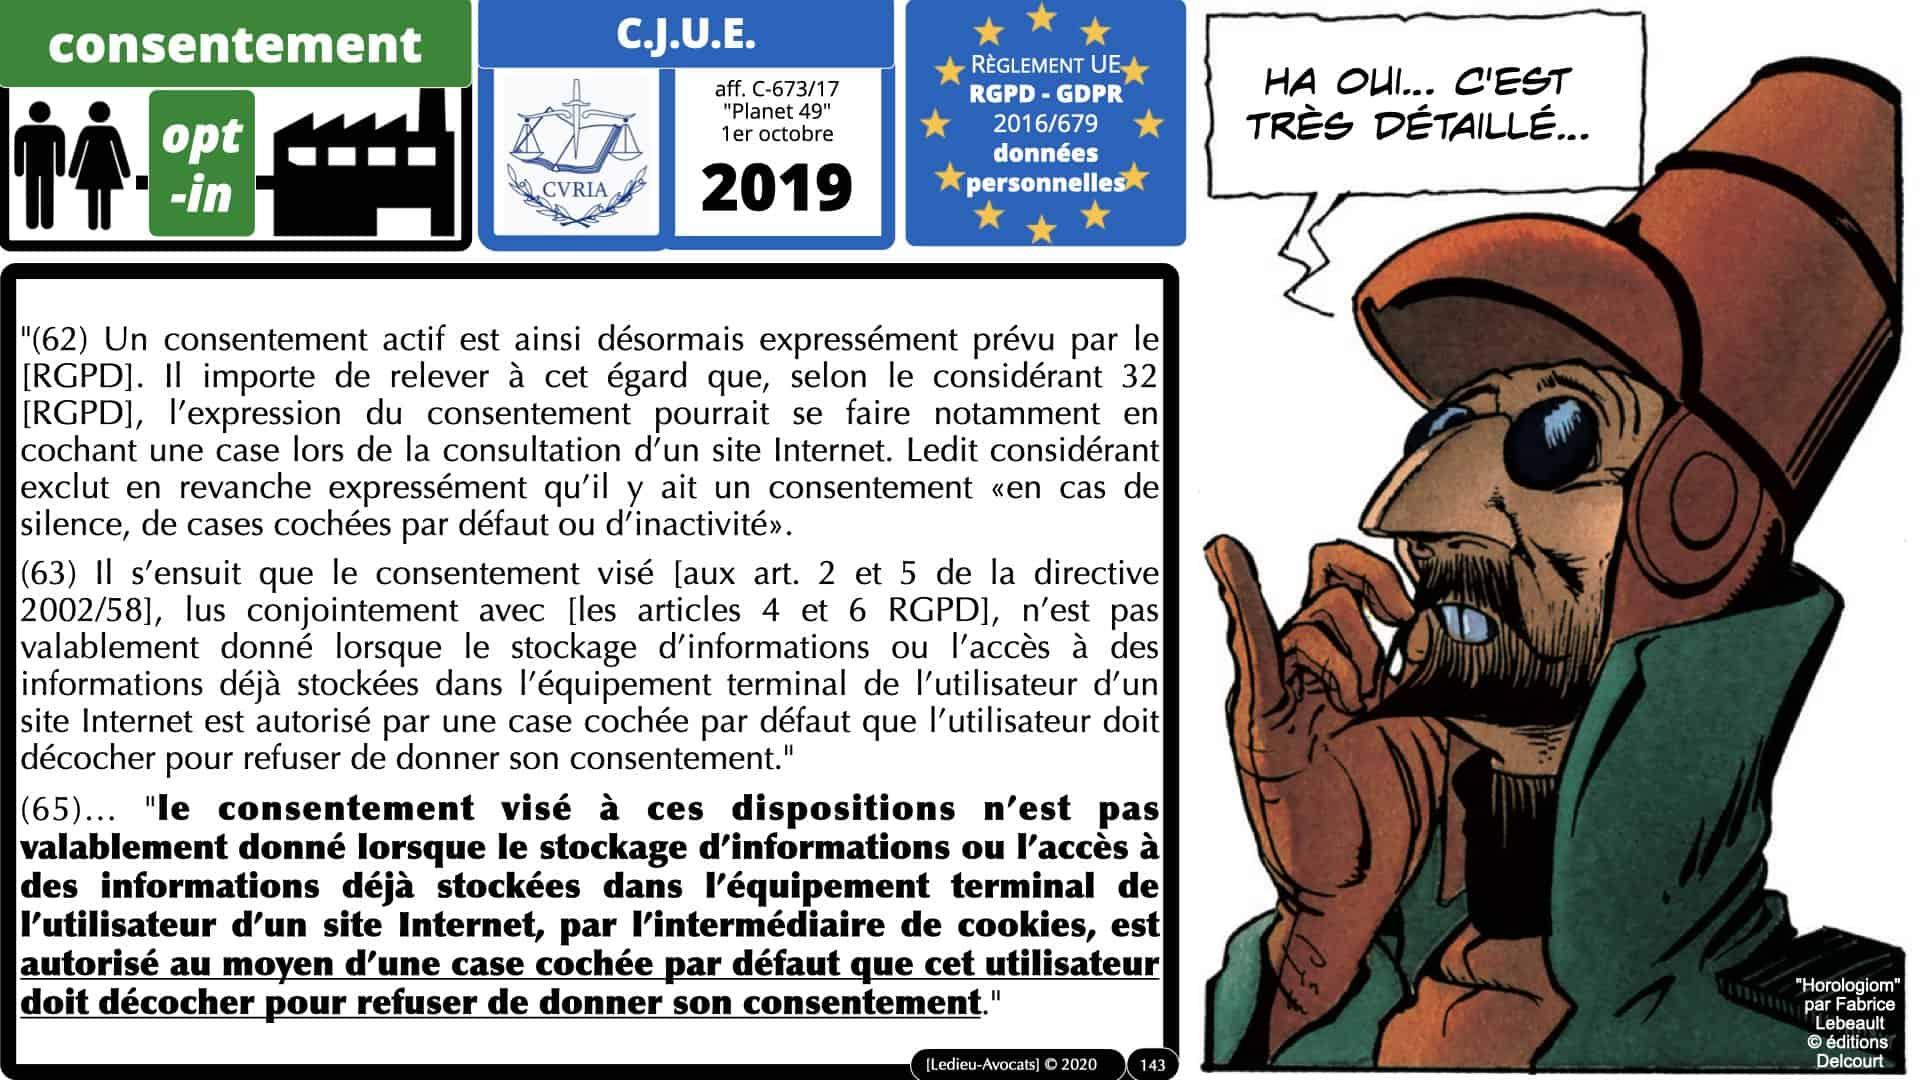 RGPD e-Privacy données personnelles jurisprudence formation Lamy Les Echos 10-02-2021 ©Ledieu-Avocats.143